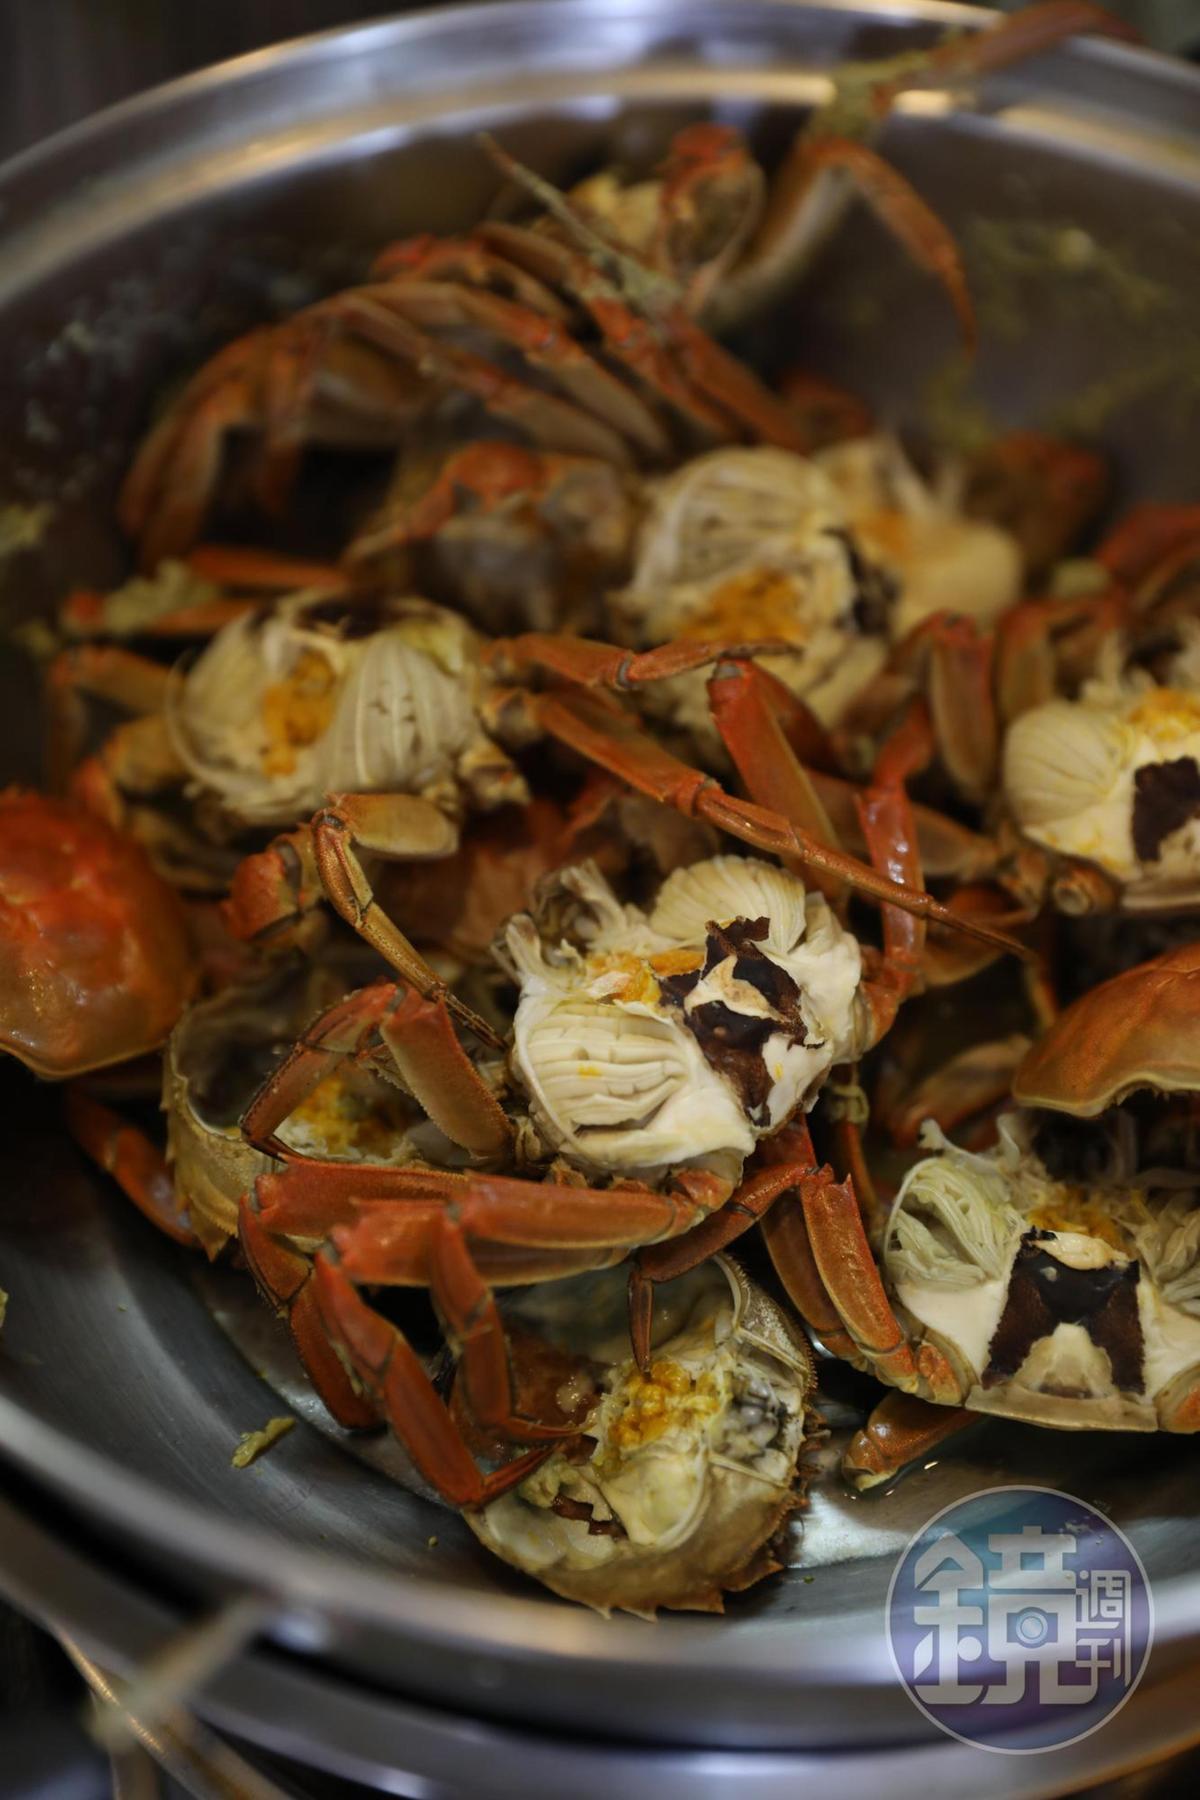 用來取蟹黃的小蟹。